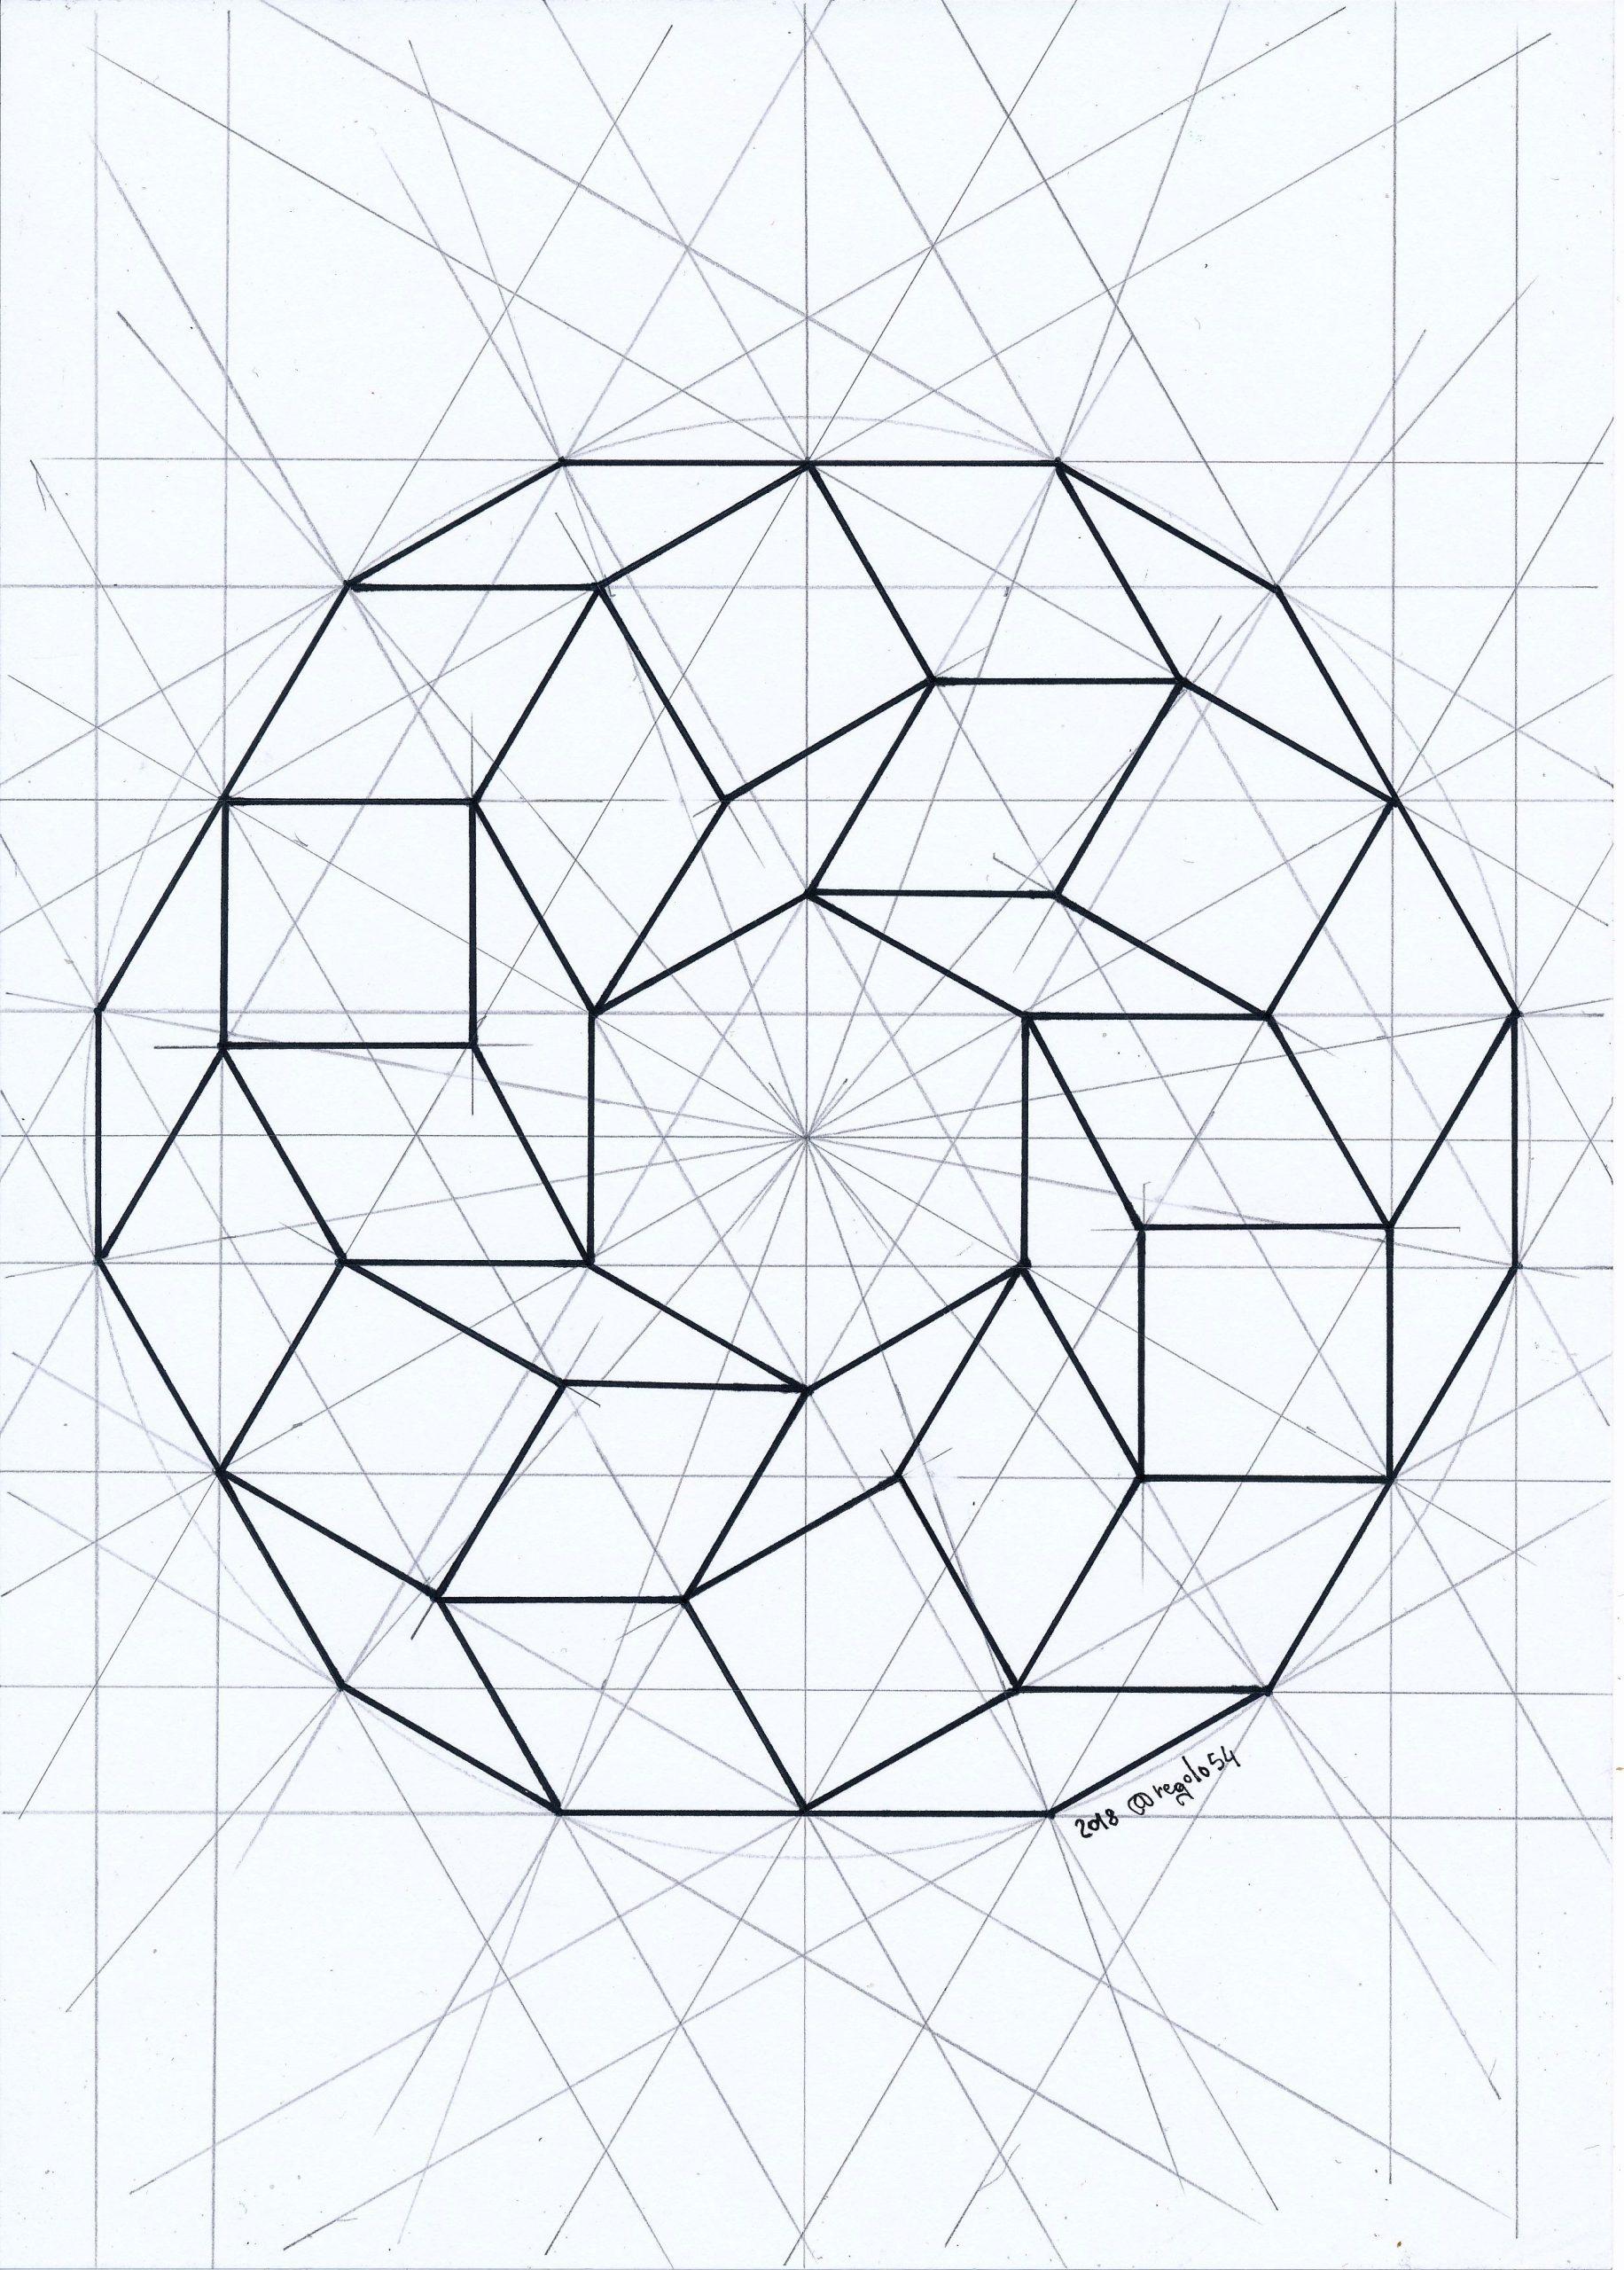 Polyhedra #solid #geometry #symmetry #mathart #regolo54 für Geometrisches Zeichnen Vorlagen